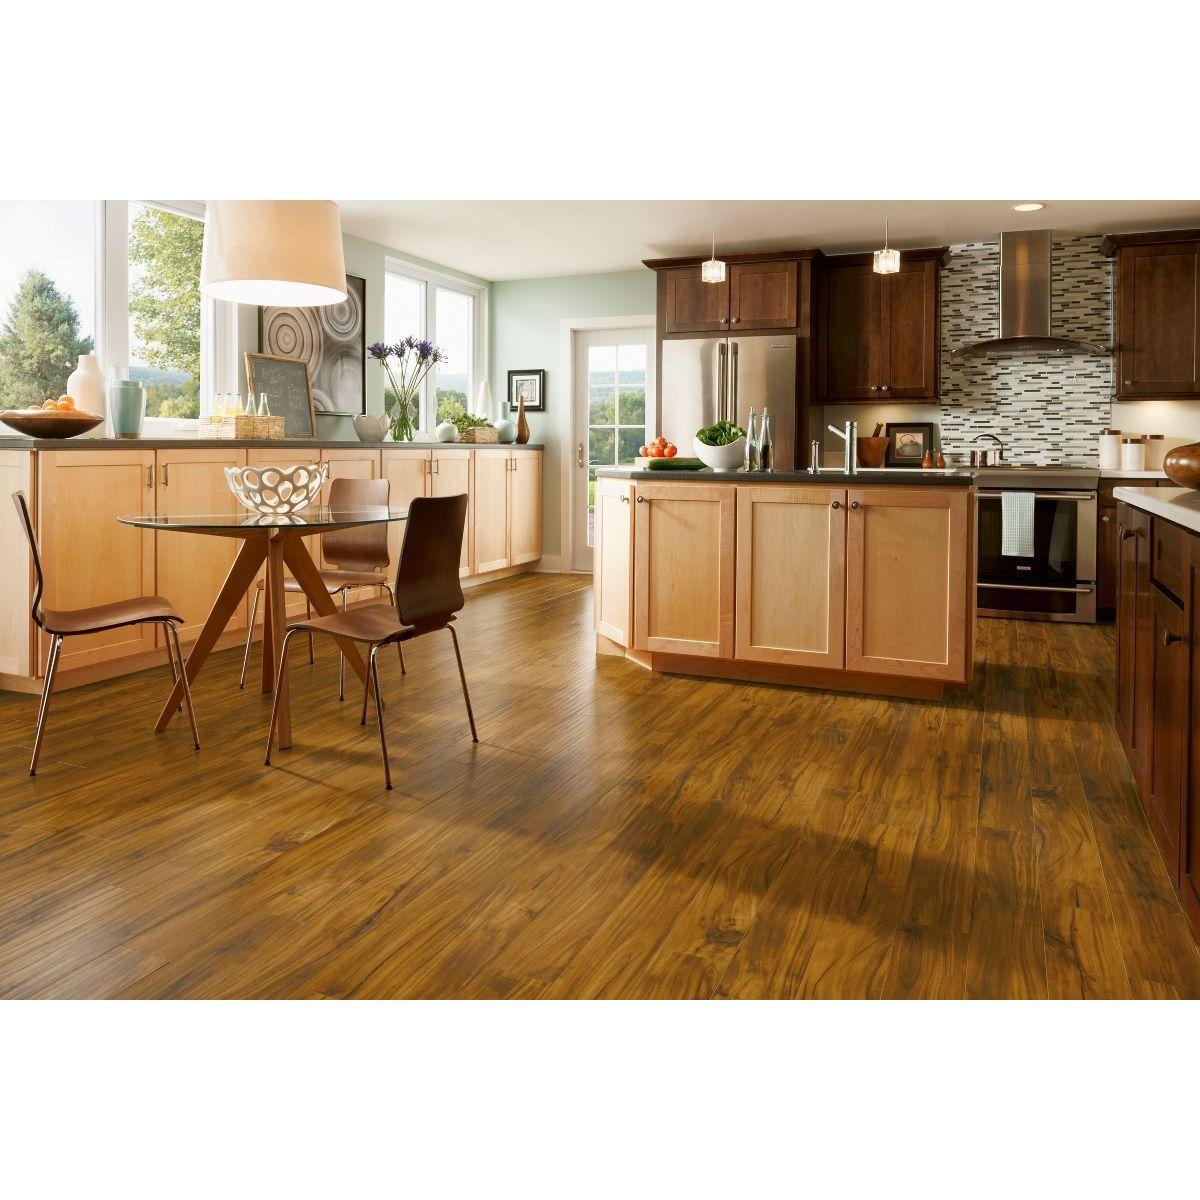 Armstrong Rustics Premium Laminate 14.76 Square Feet per ...